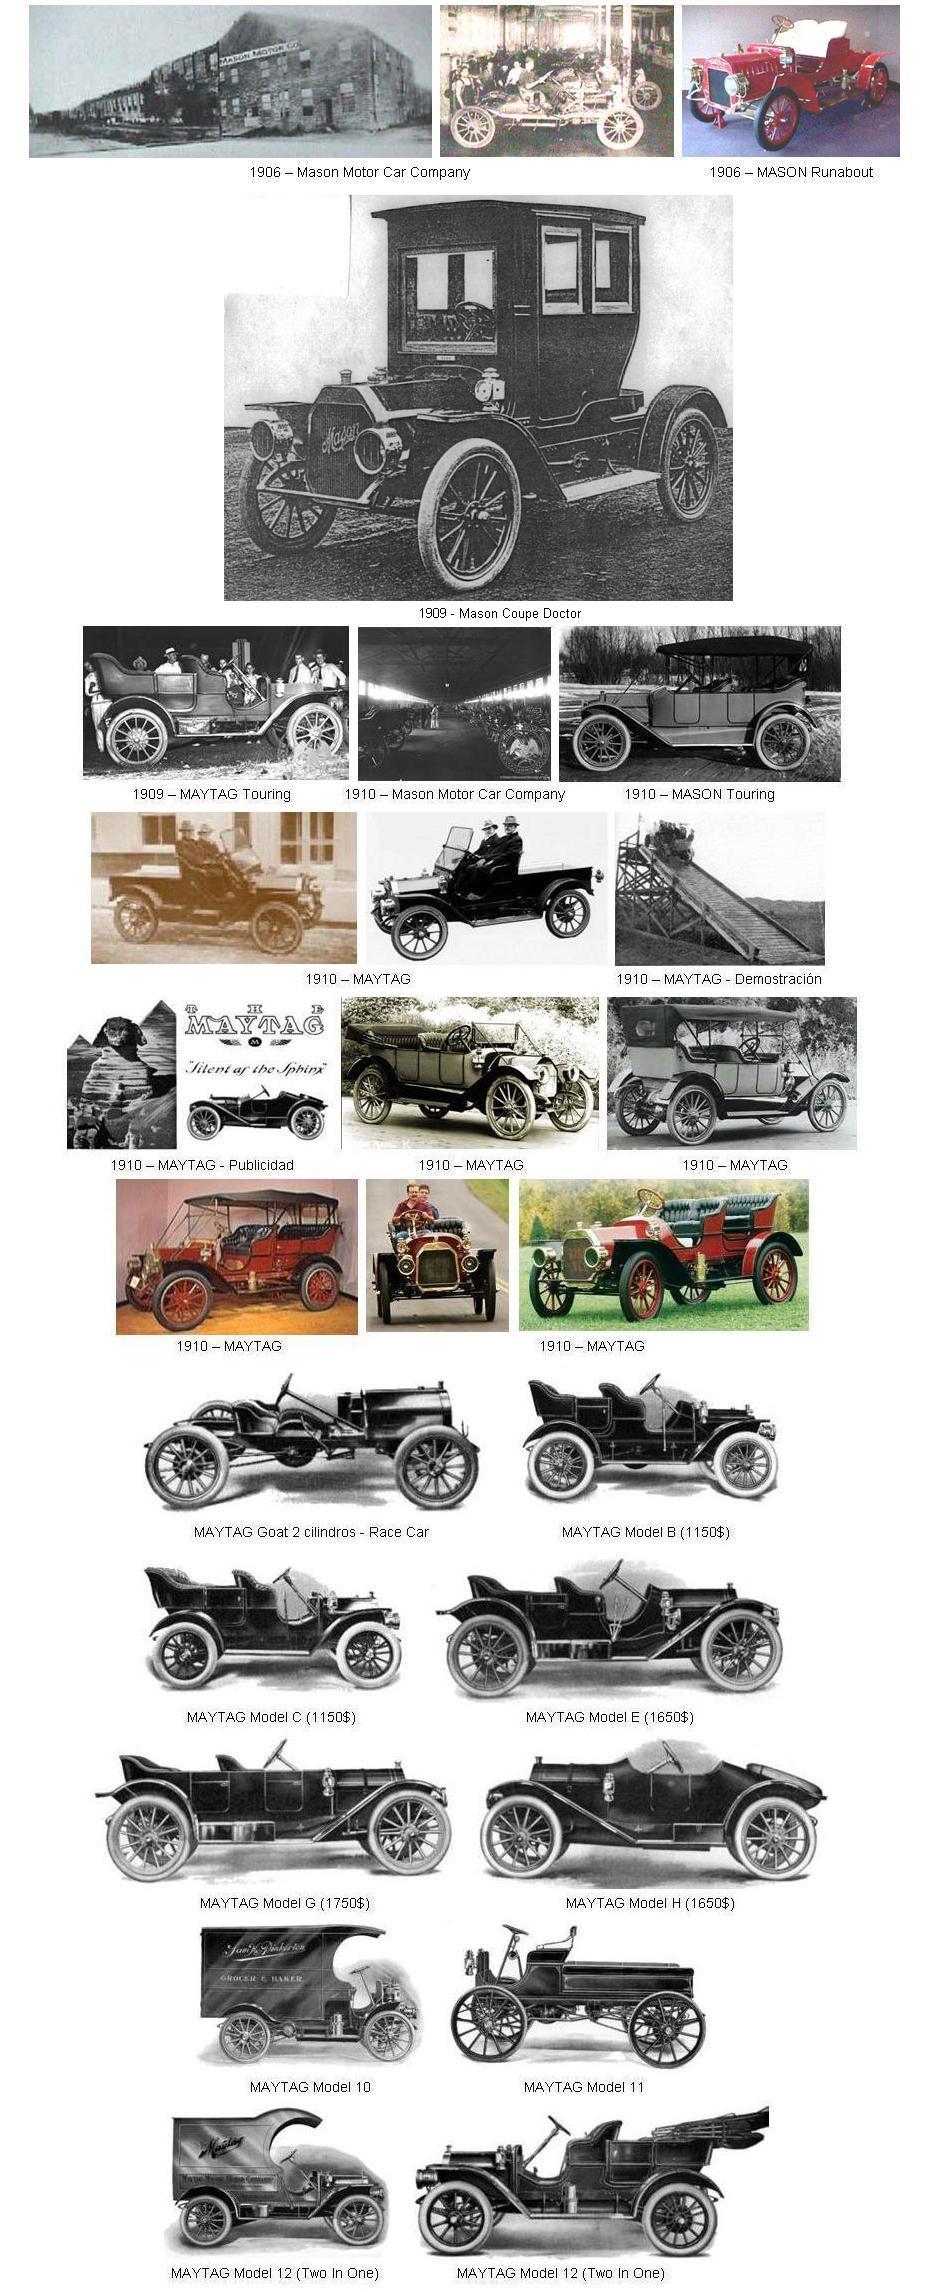 Mason historia for Motores y vehiculos nj